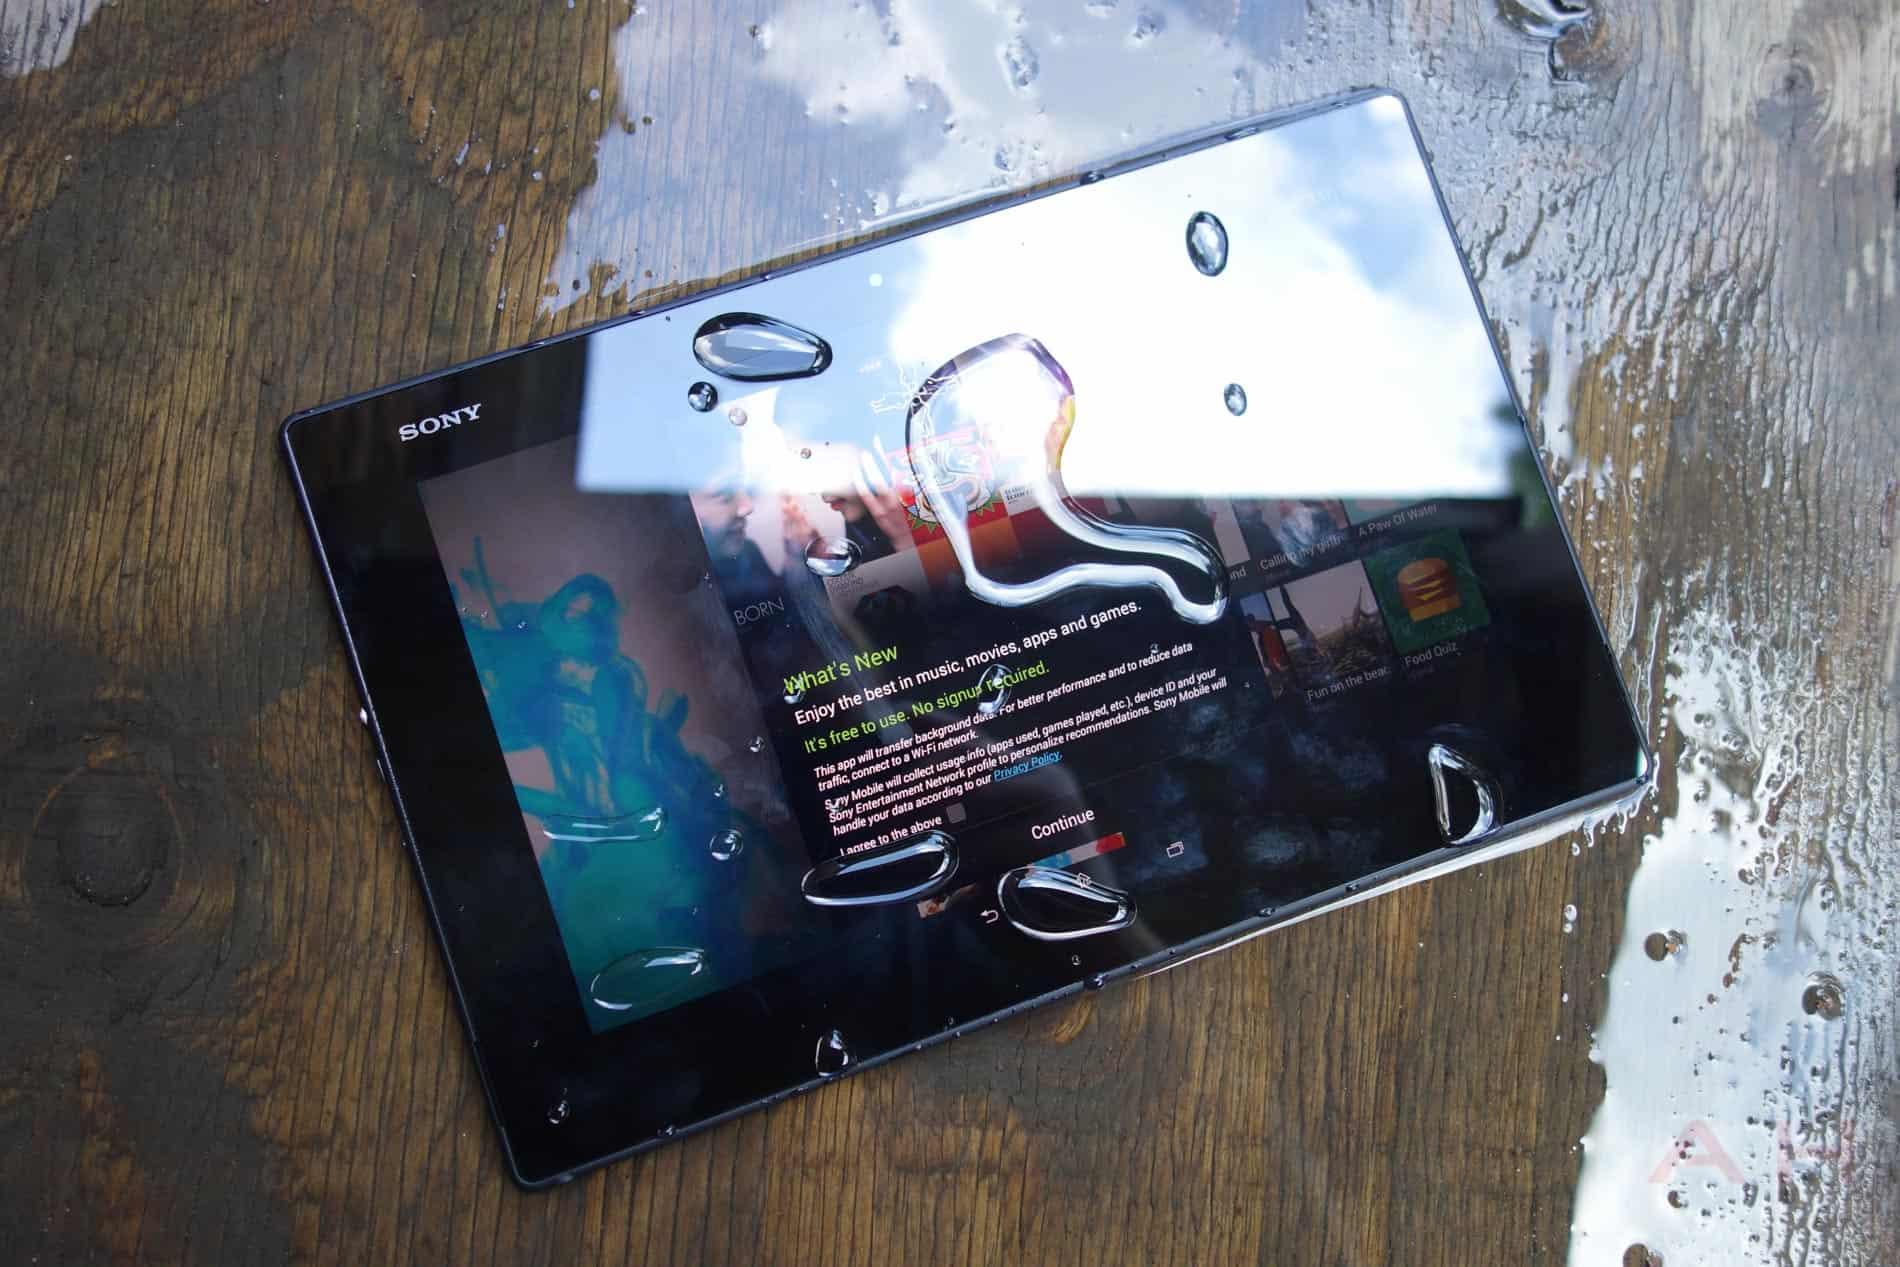 Sony-Xperia-Z2-Tablet-Verizon-AH-15